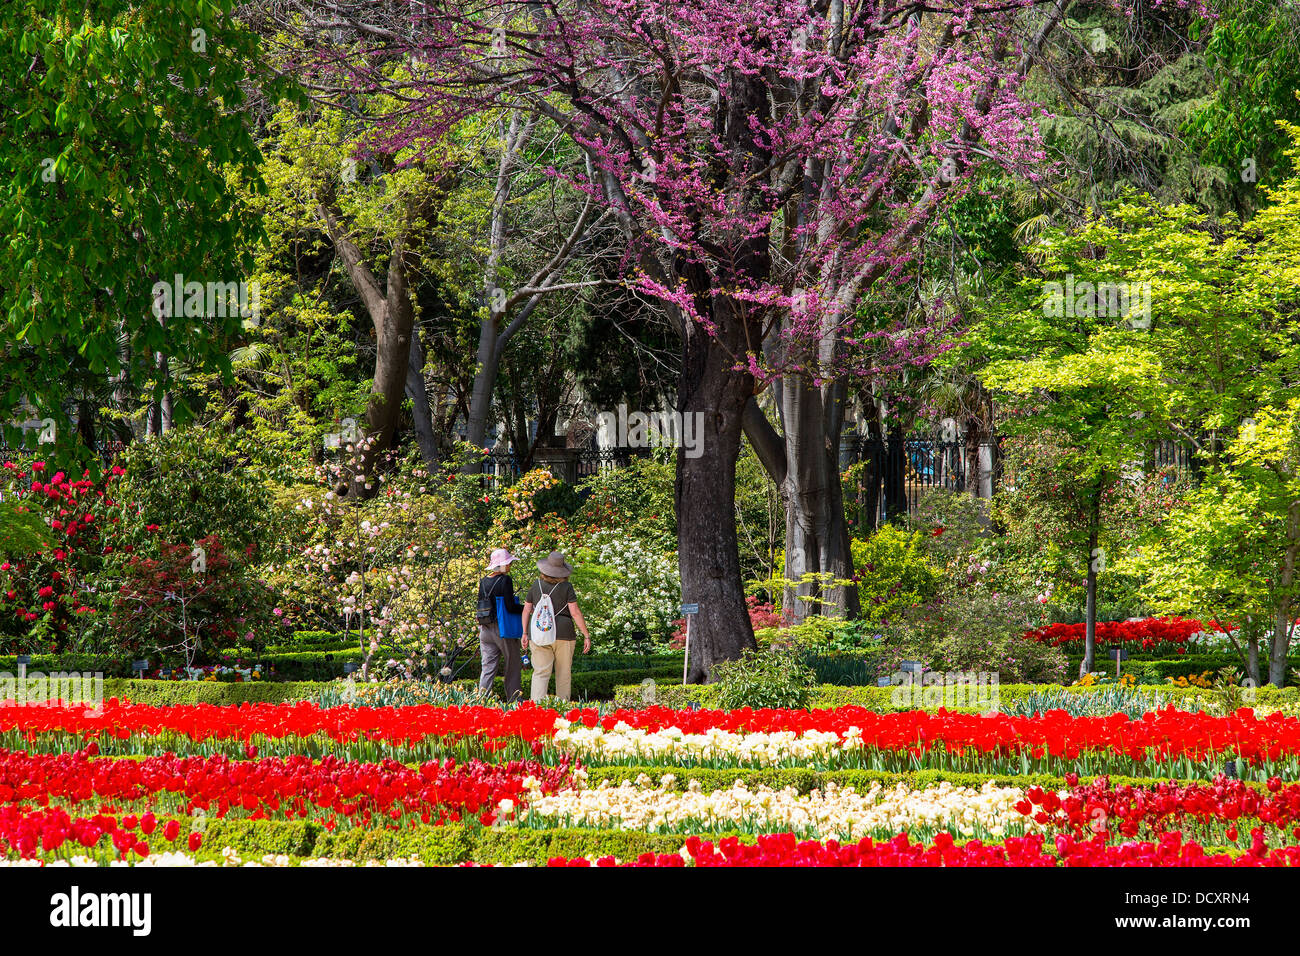 Madrid, Botanical Garden - Stock Image